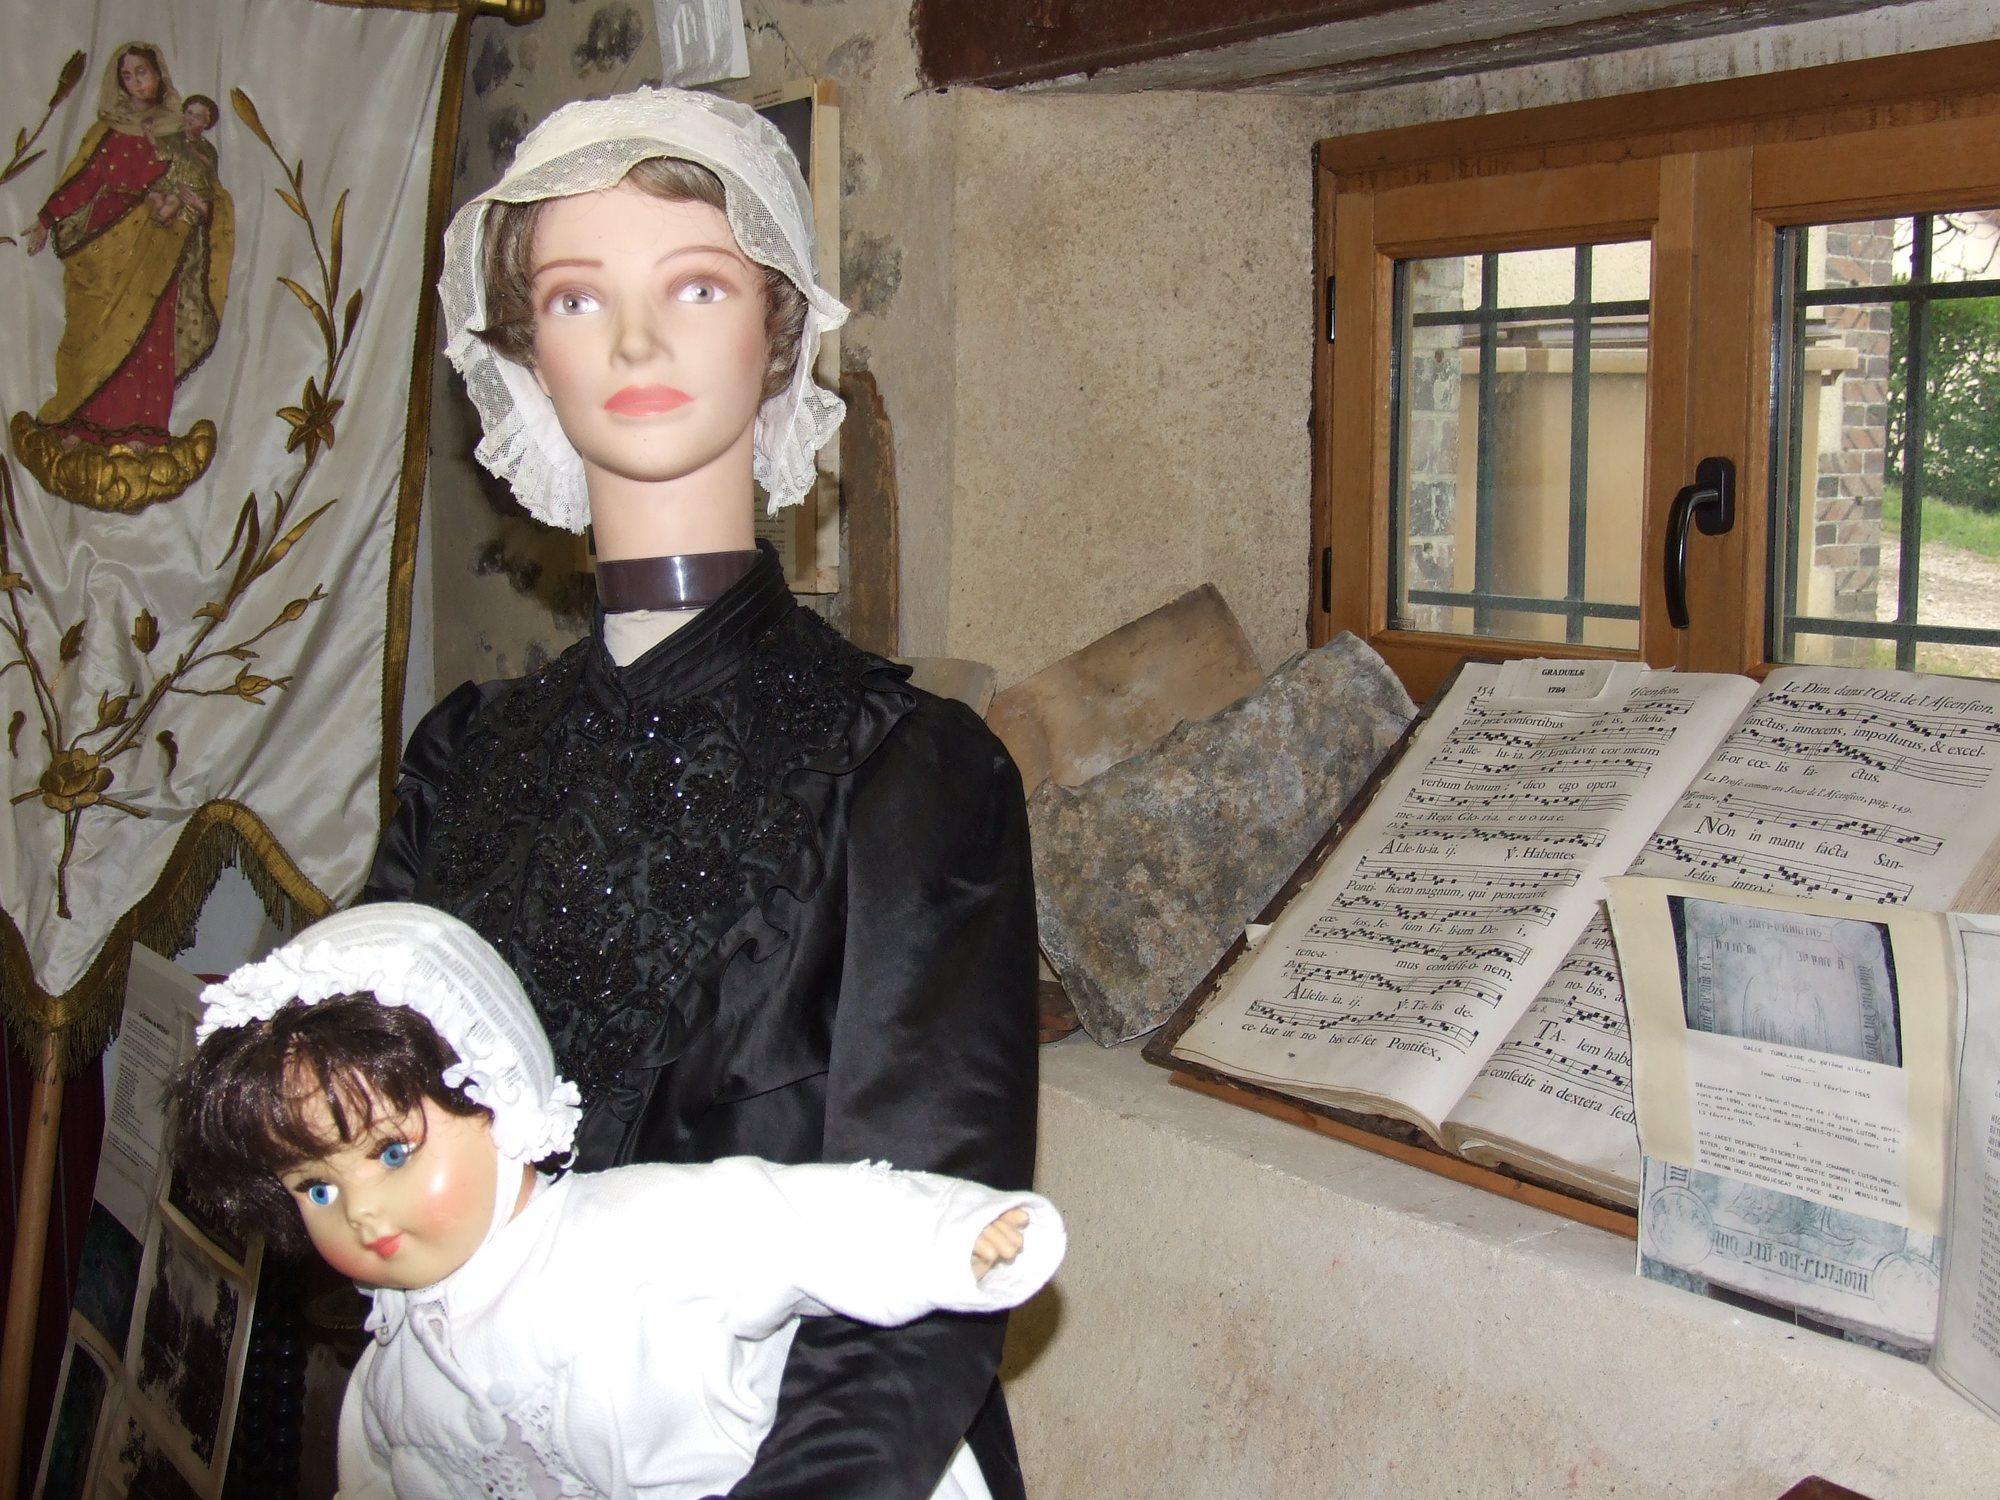 Musée d'histoire locale à SAINTIGNY © pouteaufanny